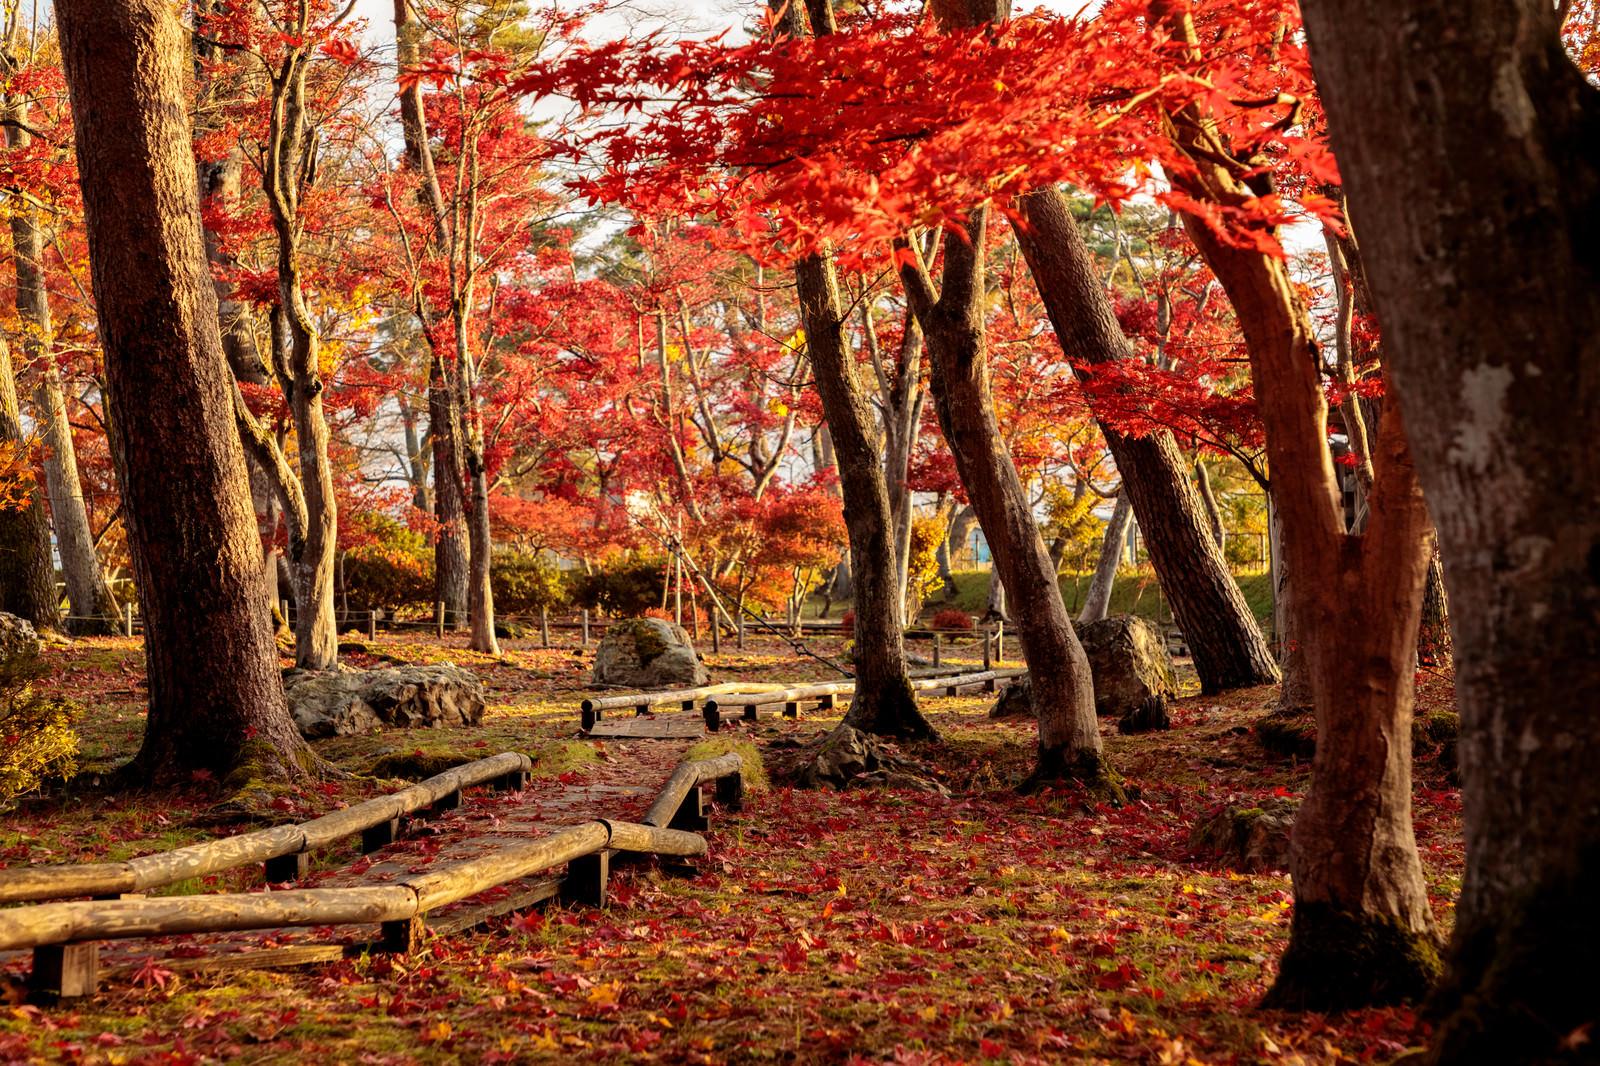 「紅葉した木々と木道に散るもみじ」の写真